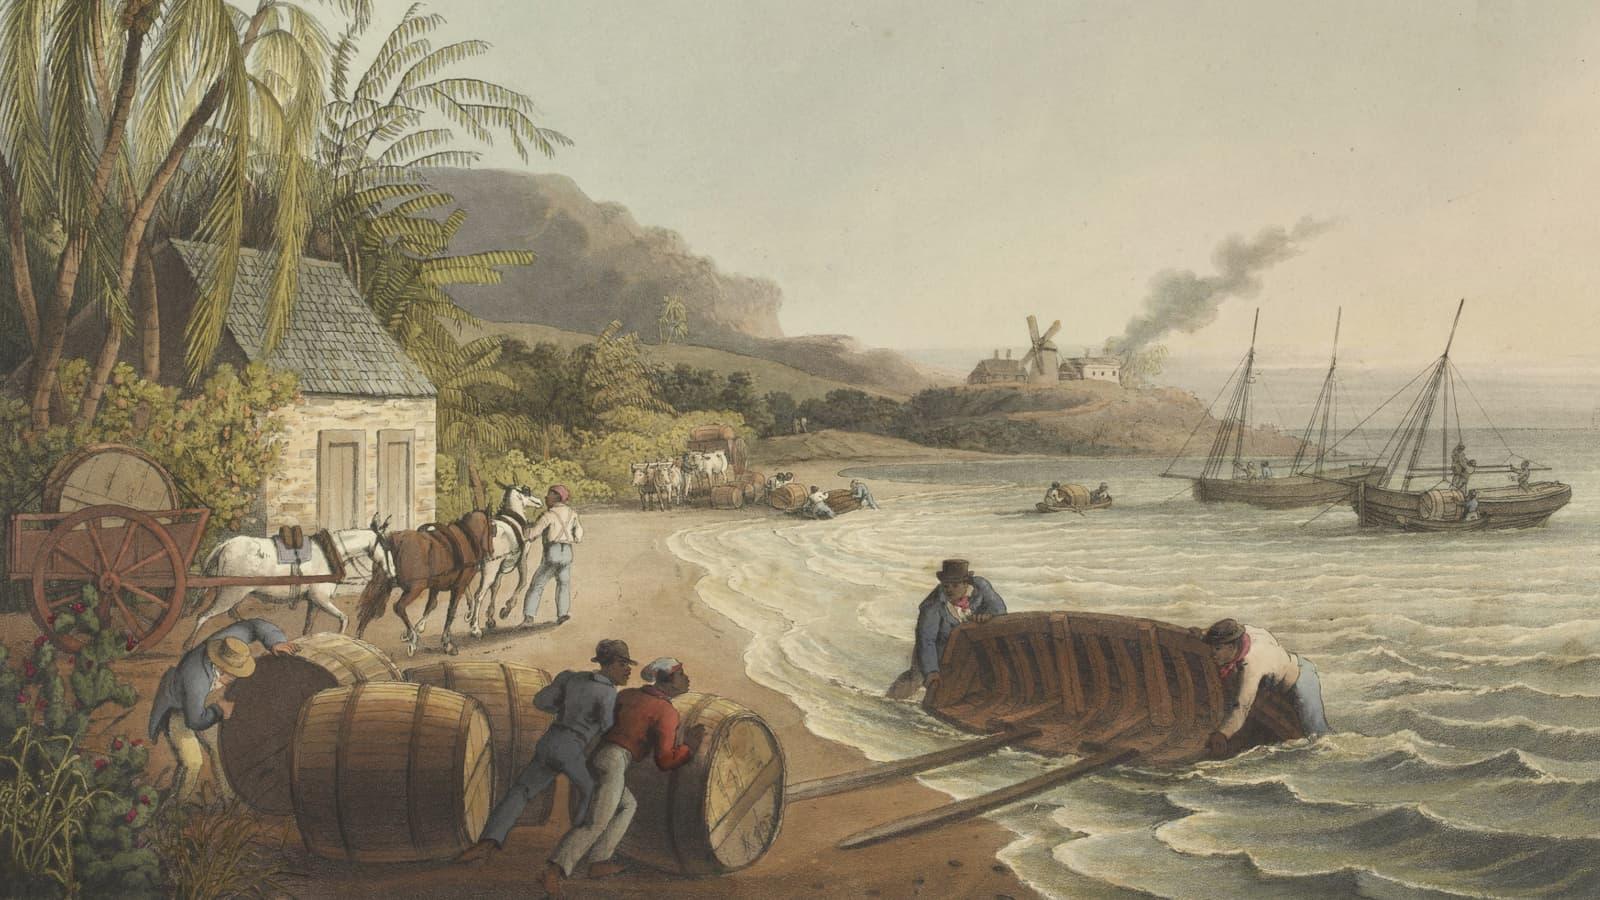 Zuckerrohrverarbeitung auf Antigua. Beitragsbild.